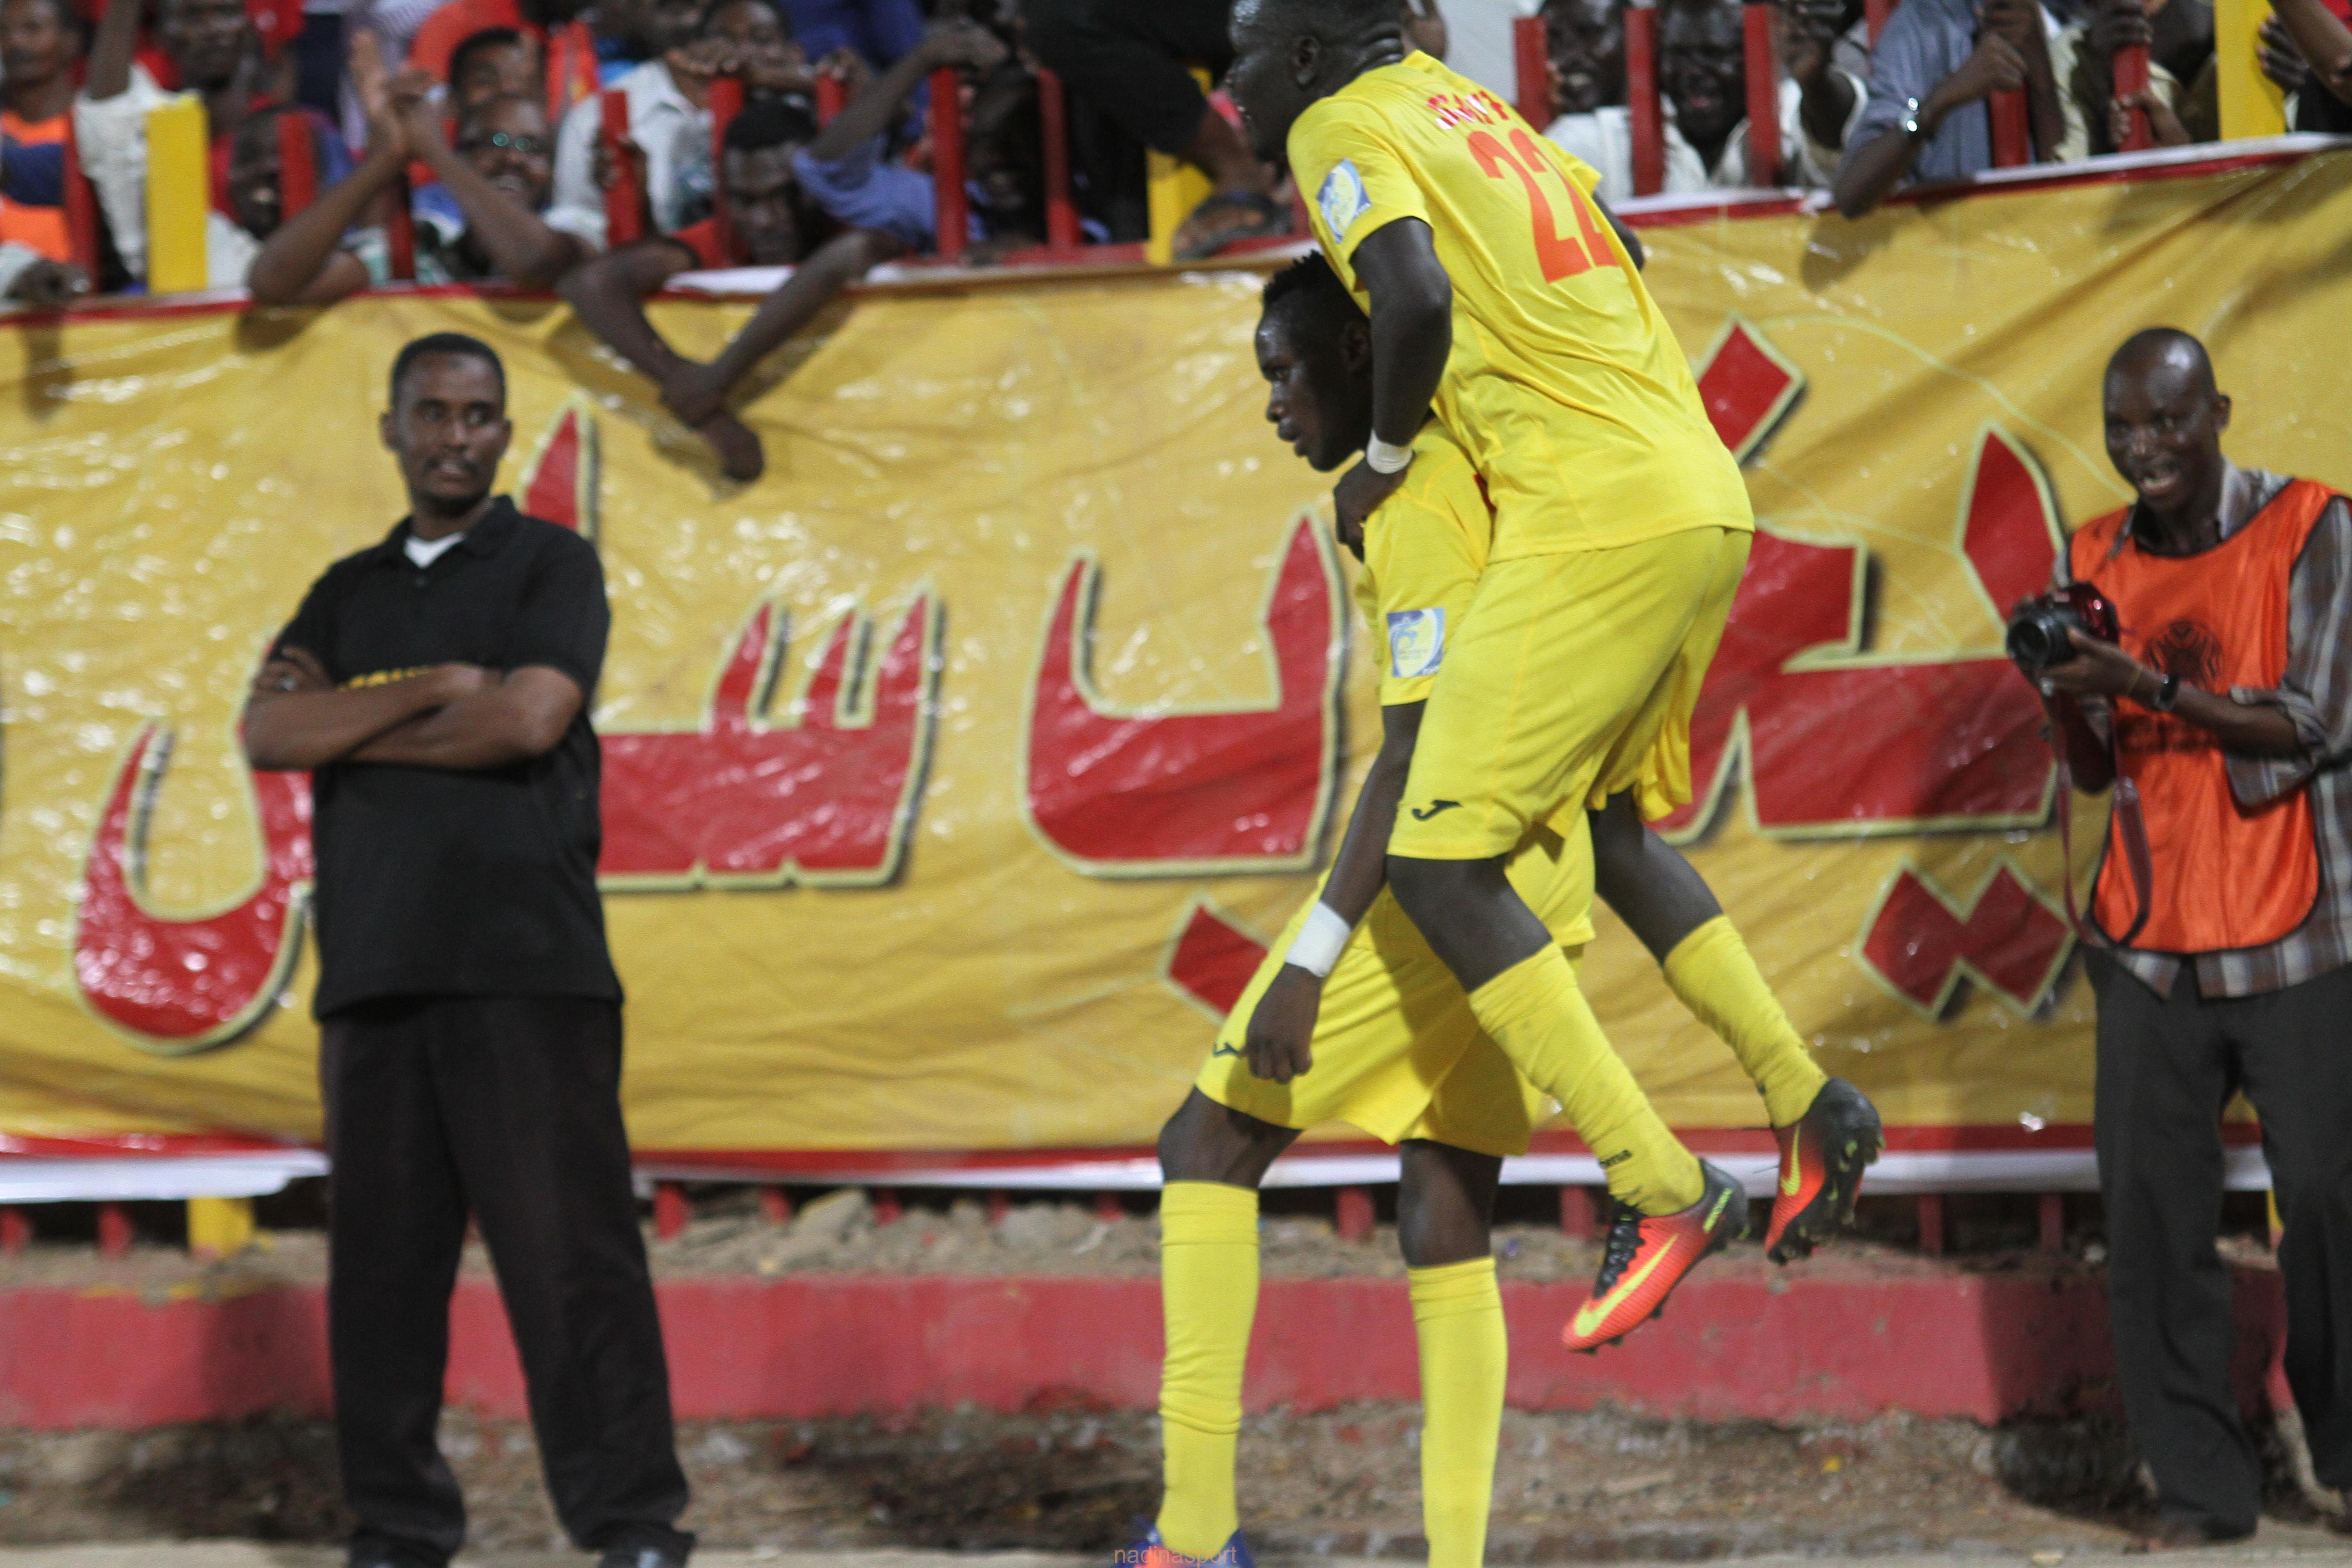 تأهل فريق المريخ السوداني إلى دور الـ16 من بطولة كأس العرب للأندية الأبطال بعد تعادله بهدف من أمام ضيفه فريق الجيش السوري